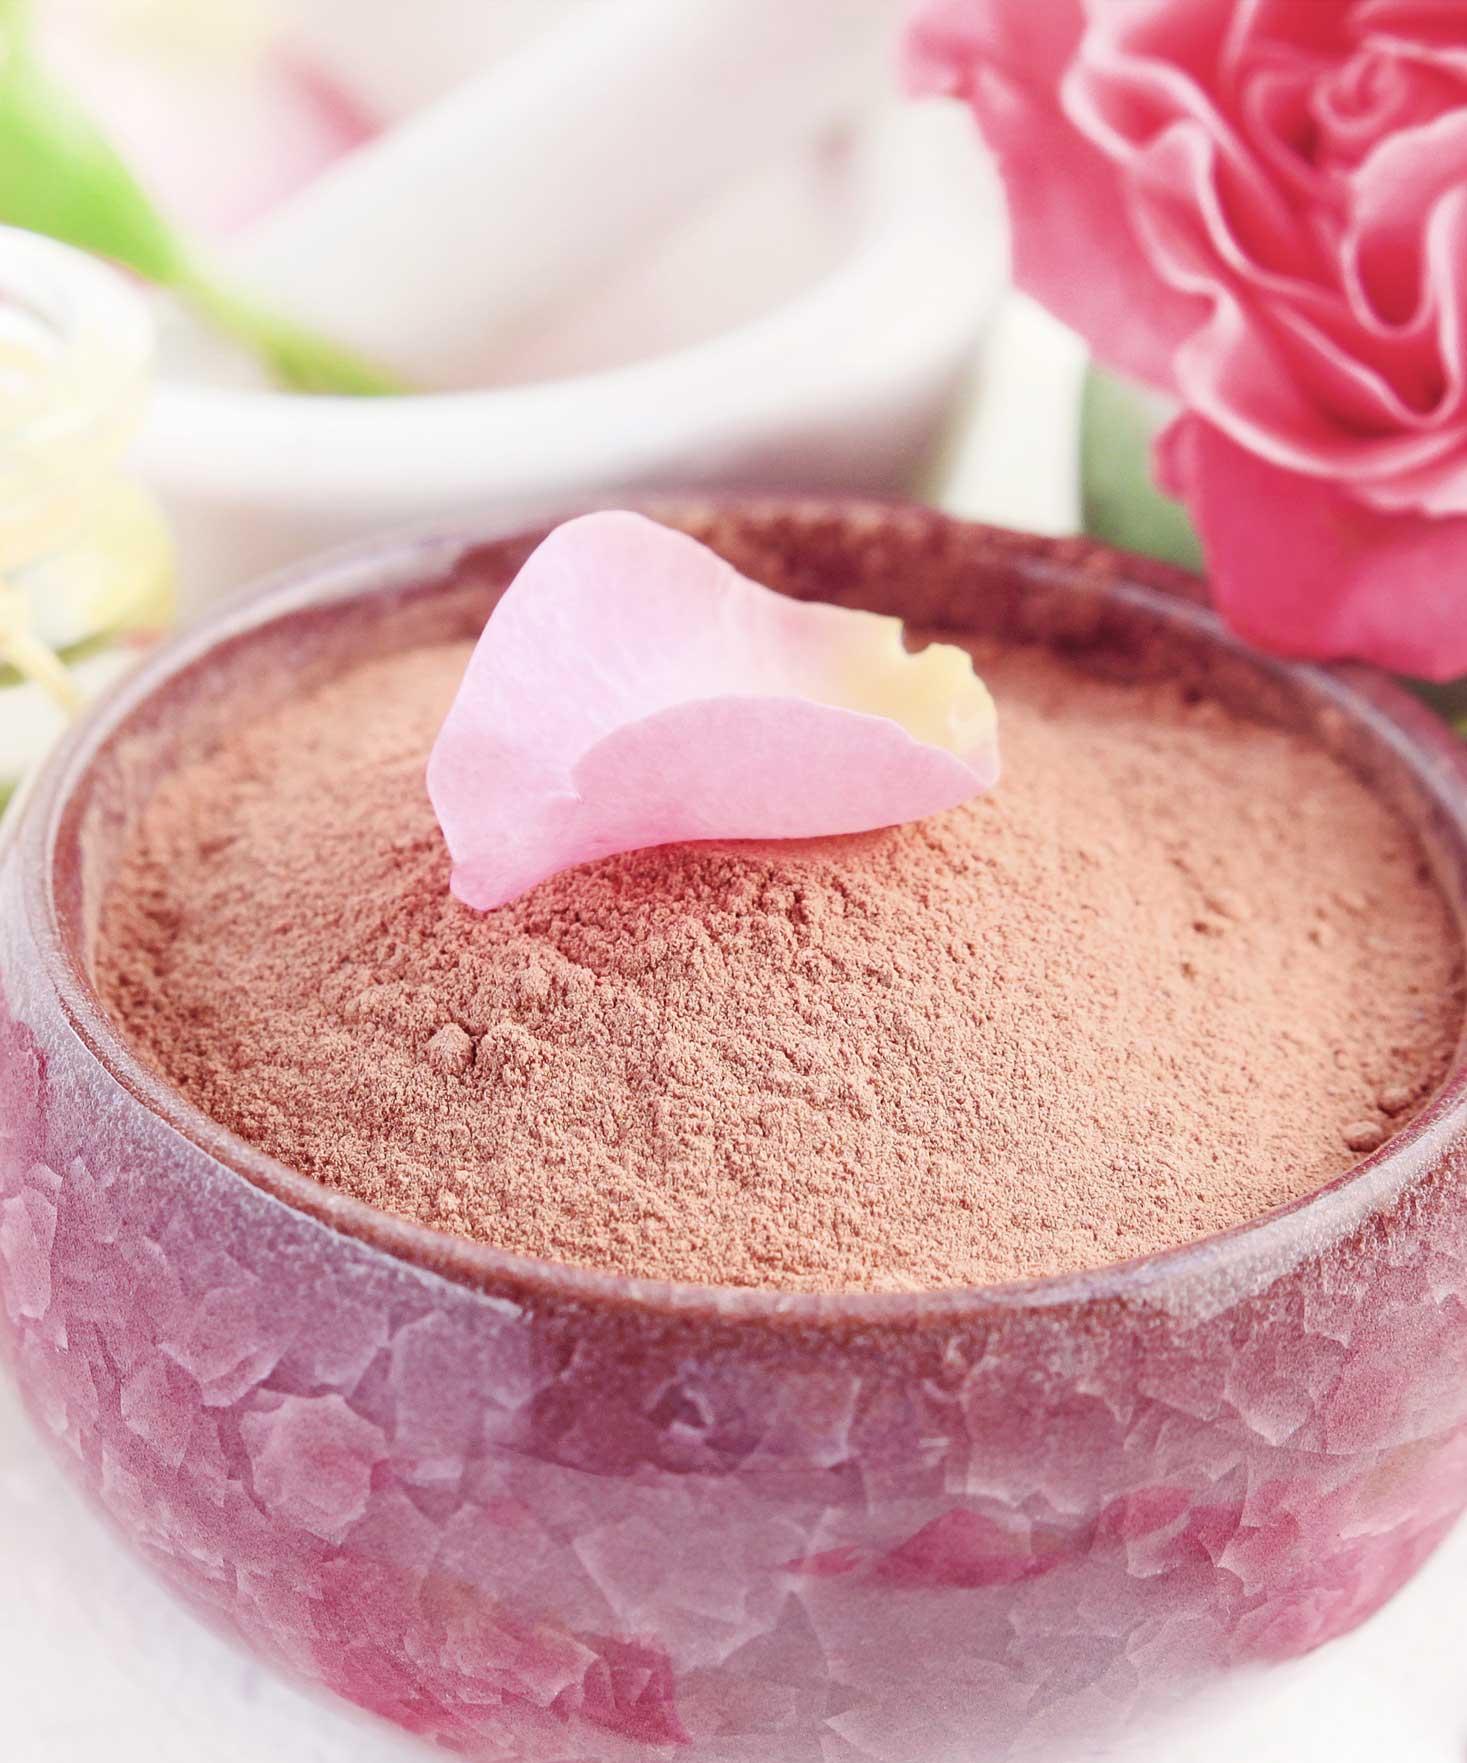 Masque purifiant à l'argile rose pour la peau sensible